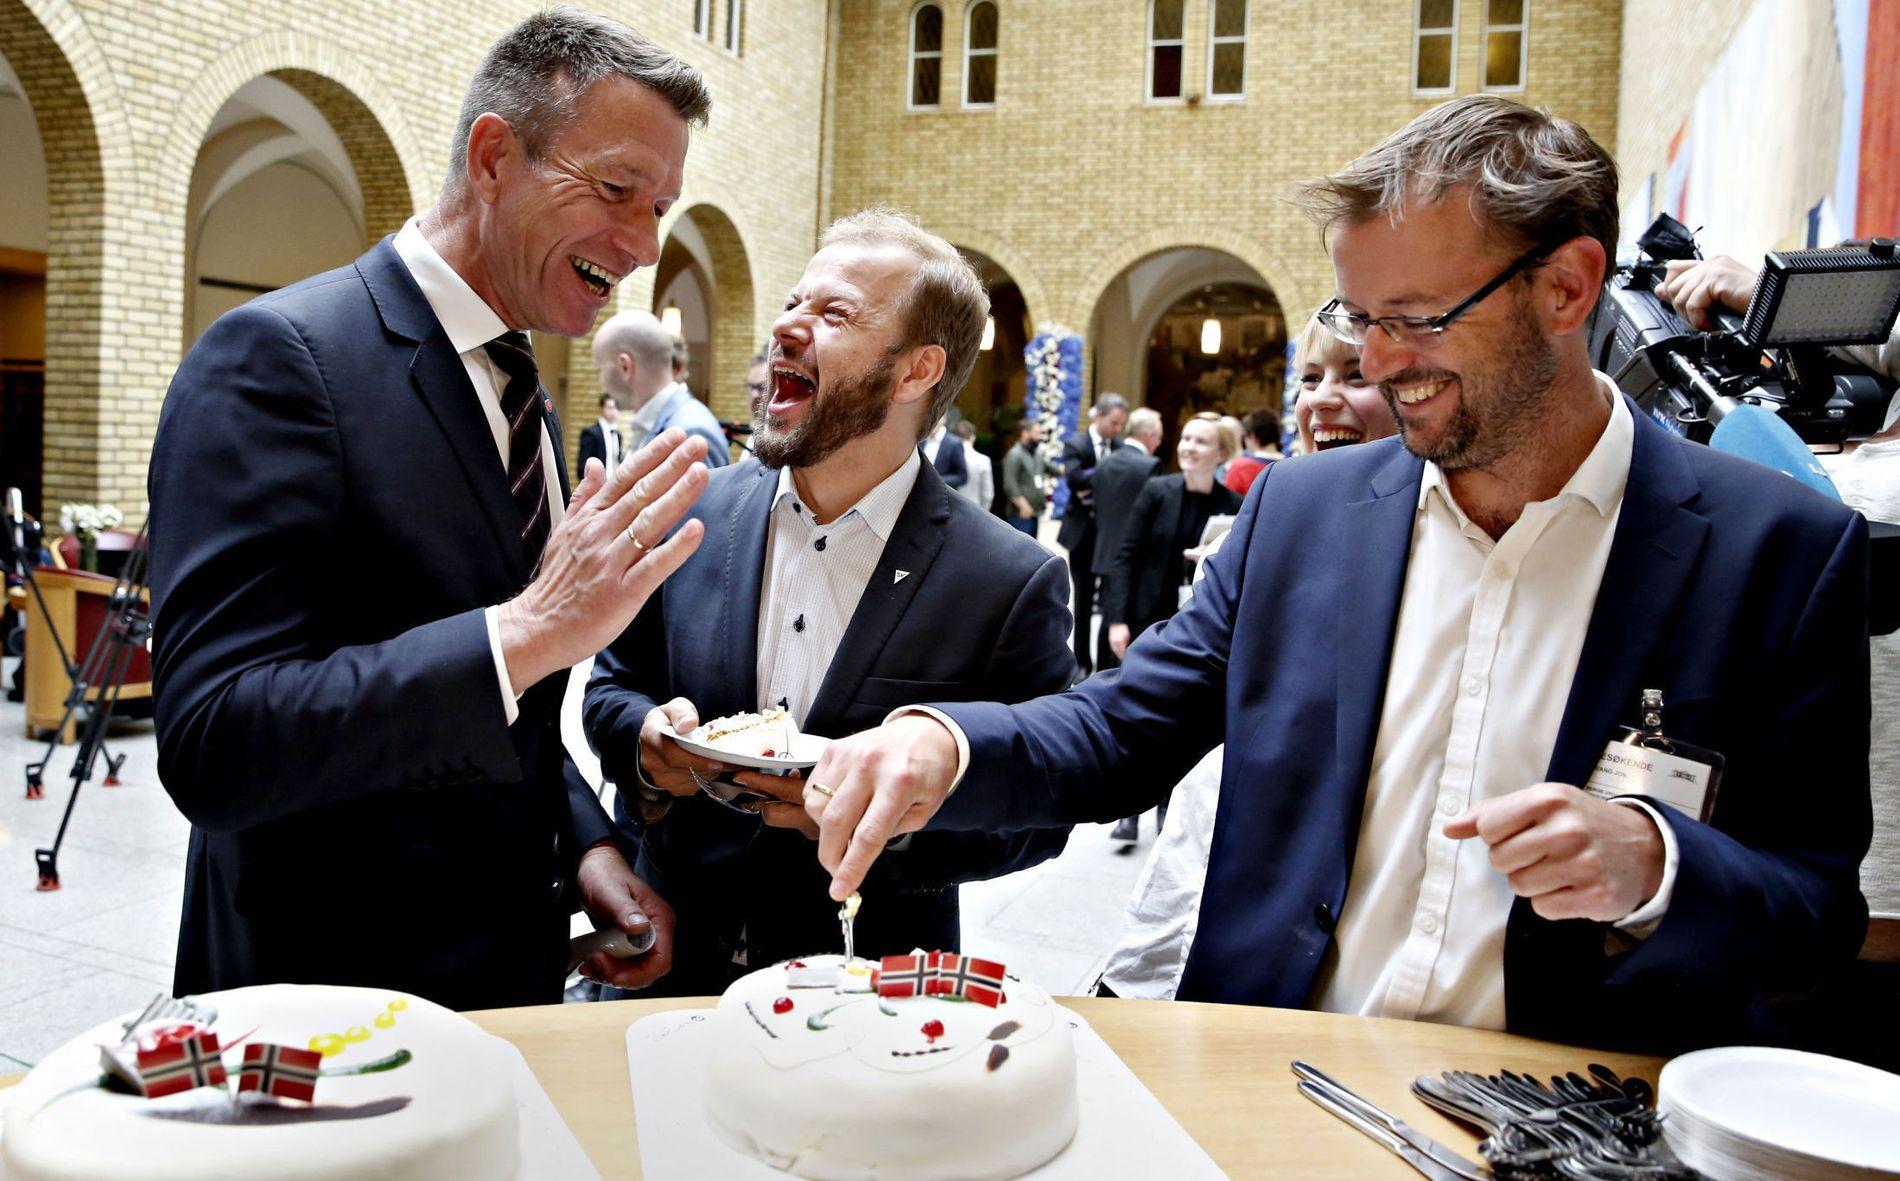 FEIRET MED KLIMAKAKE: - Jeg er glad i vedtaket, men jeg er kanskje enda mer glad i kake, sa Arbeiderpartiets Terje Aasland (t.v.) da Zero bød på kake etter Utsira-nyheten fredag. Aasland feiret sammen med blant andre SVs Heikki Eidsvoll Holmås (i midten) og Jon Evang (t.h) fra miljøstiftelsen Zero.